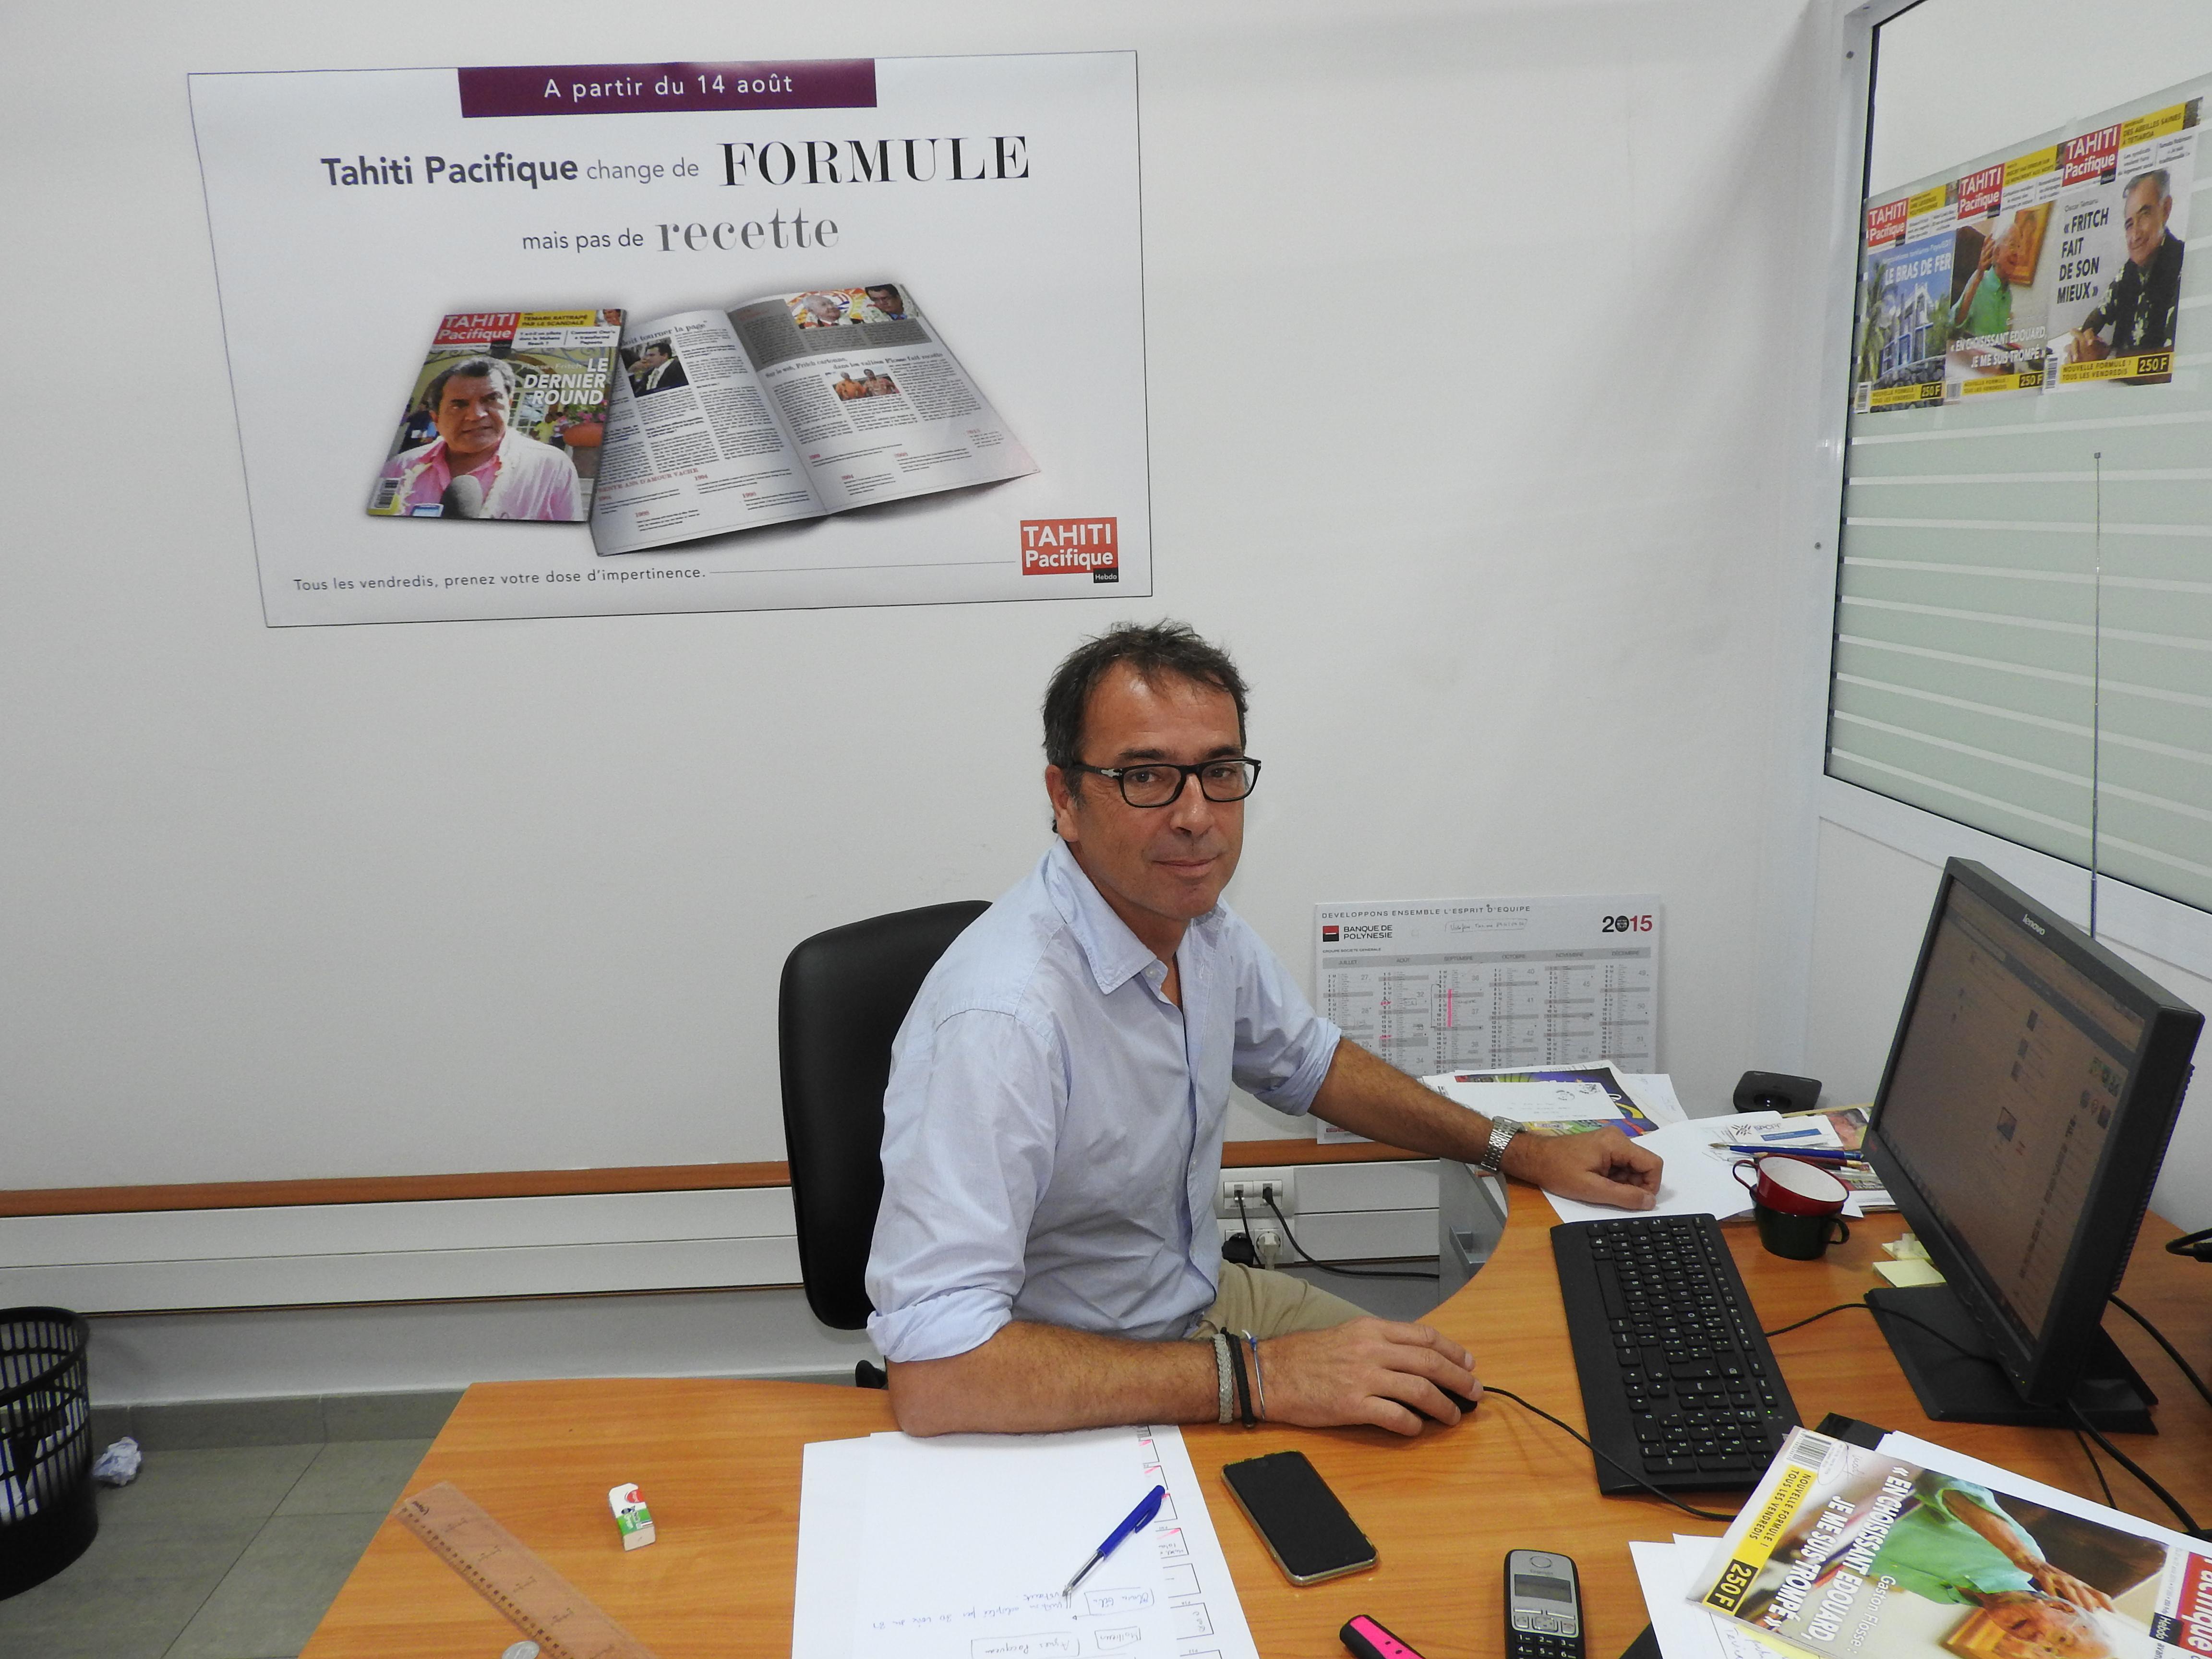 Bertrand Parent, le rédacteur en chef de Tahiti Pacifique Hebdo